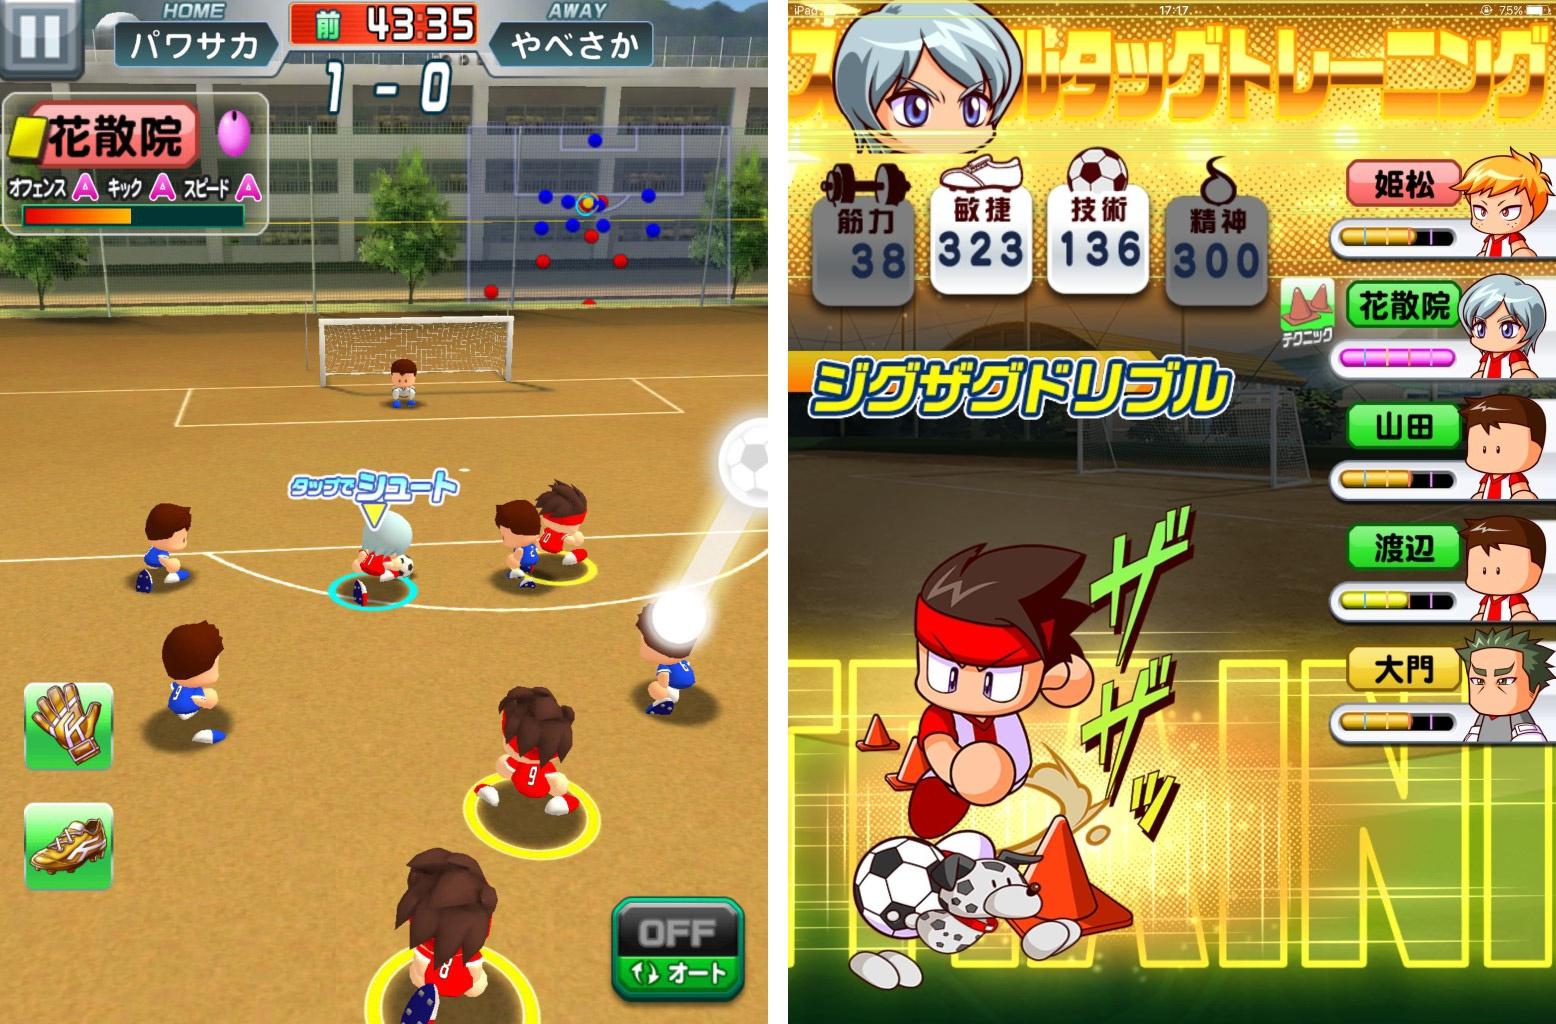 実況パワフルプロ野球(iOS/Android) - パワプロ …